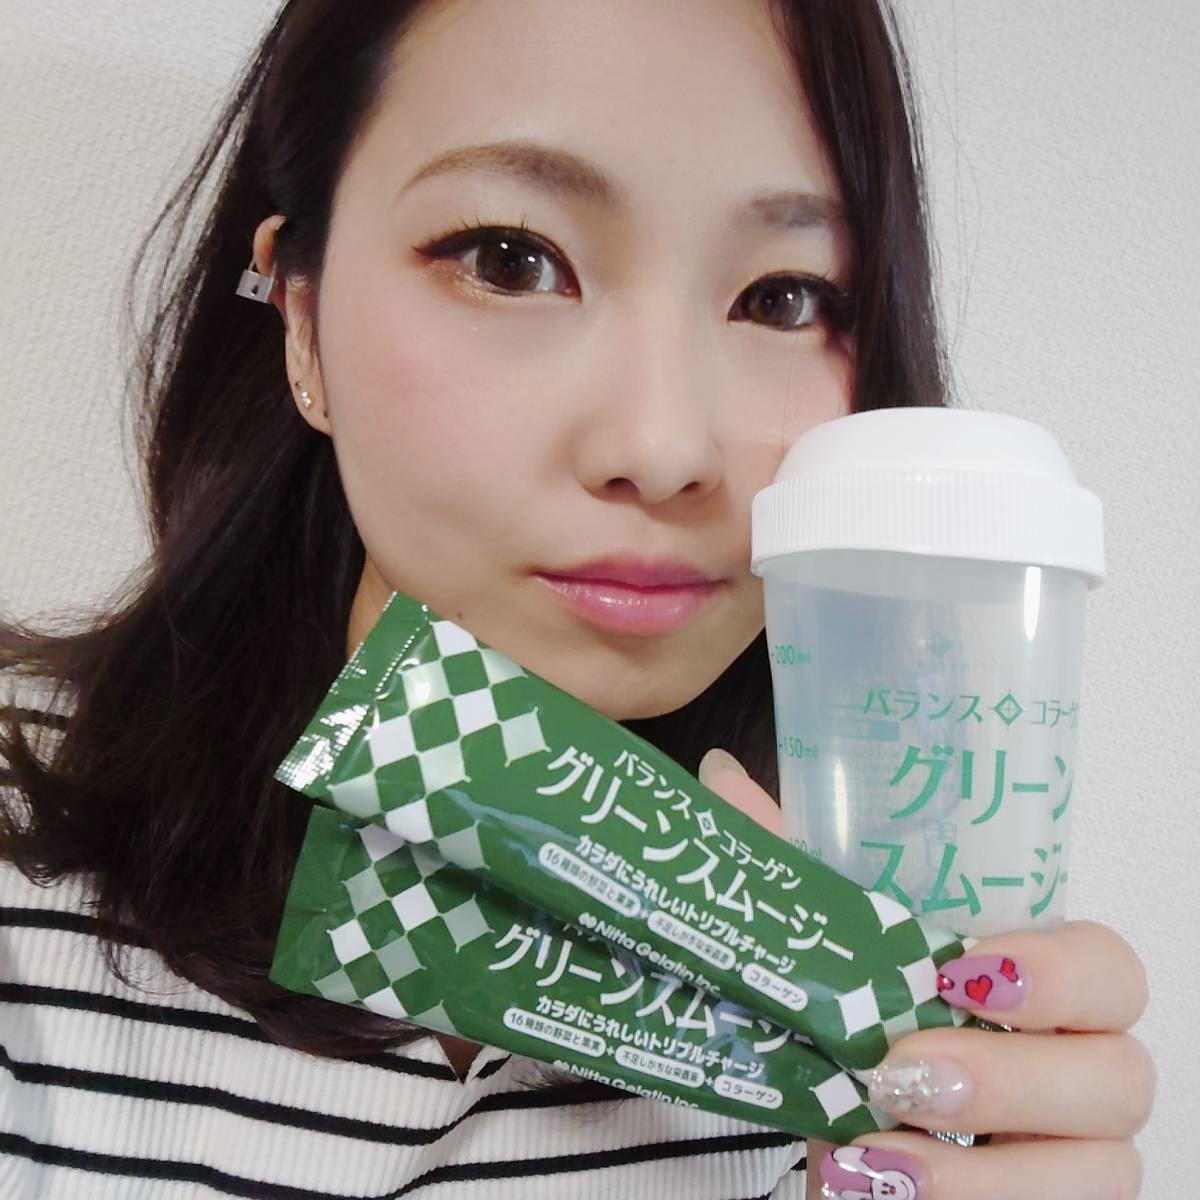 新田ゼラチンバランスコラーゲン グリーンスムージーを使ったkana_cafe_timeさんのクチコミ画像10